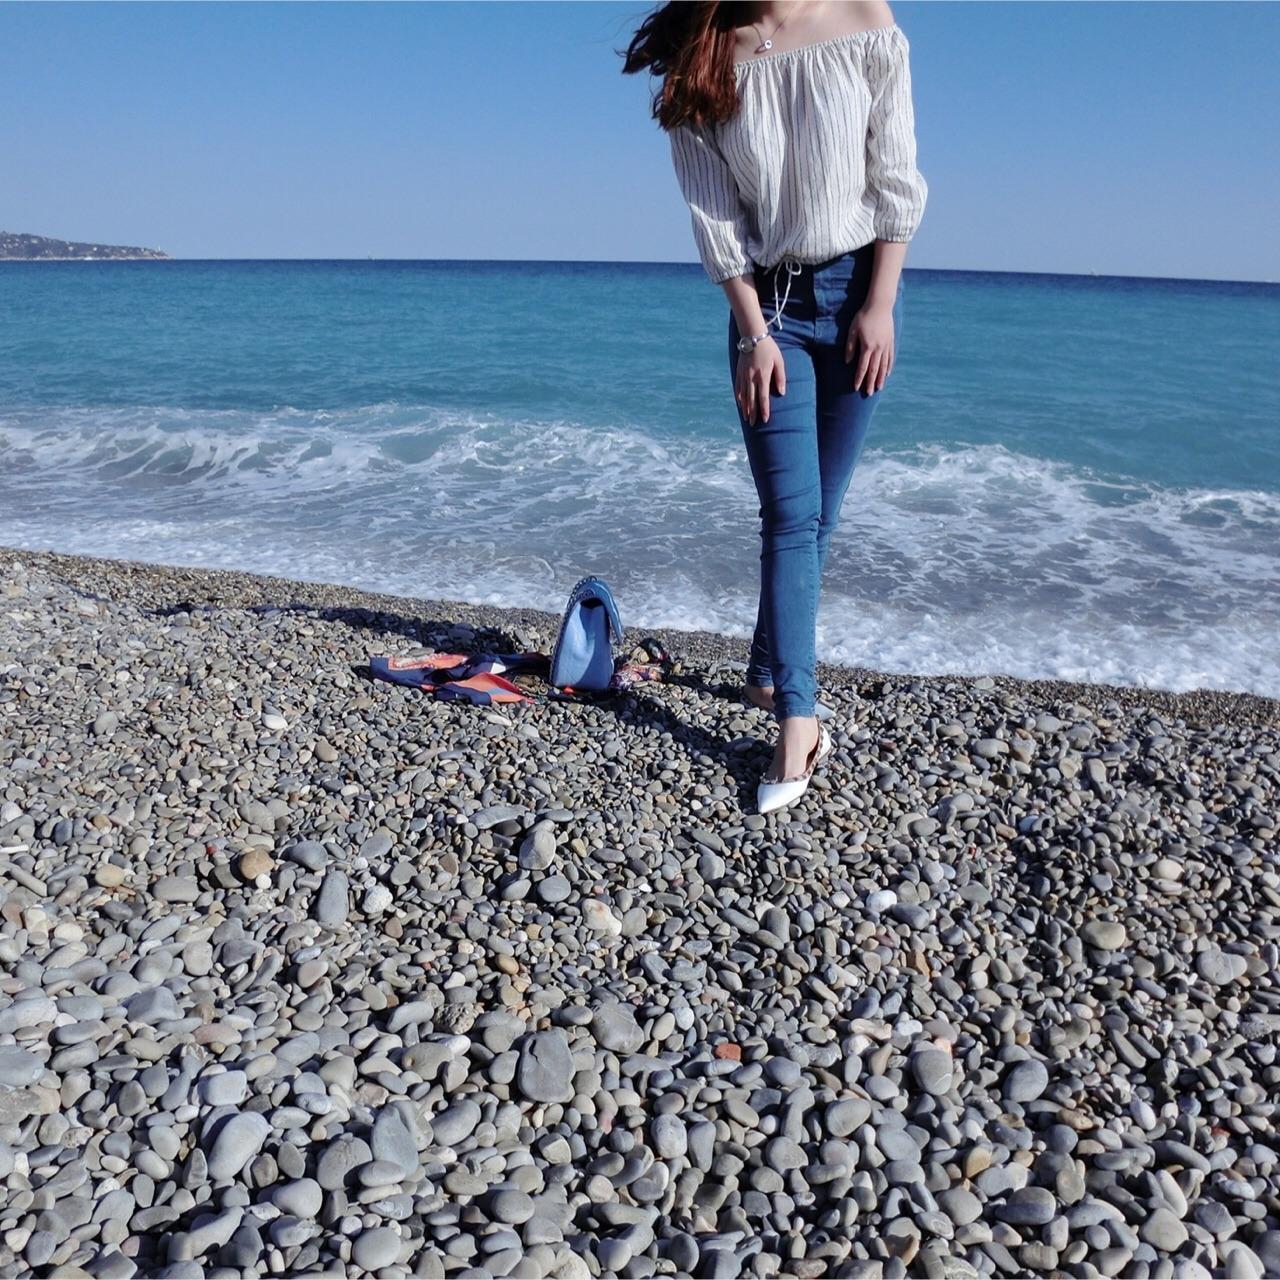 穿搭分享 这张是去年秋天在法国尼斯的海边拍的照片了